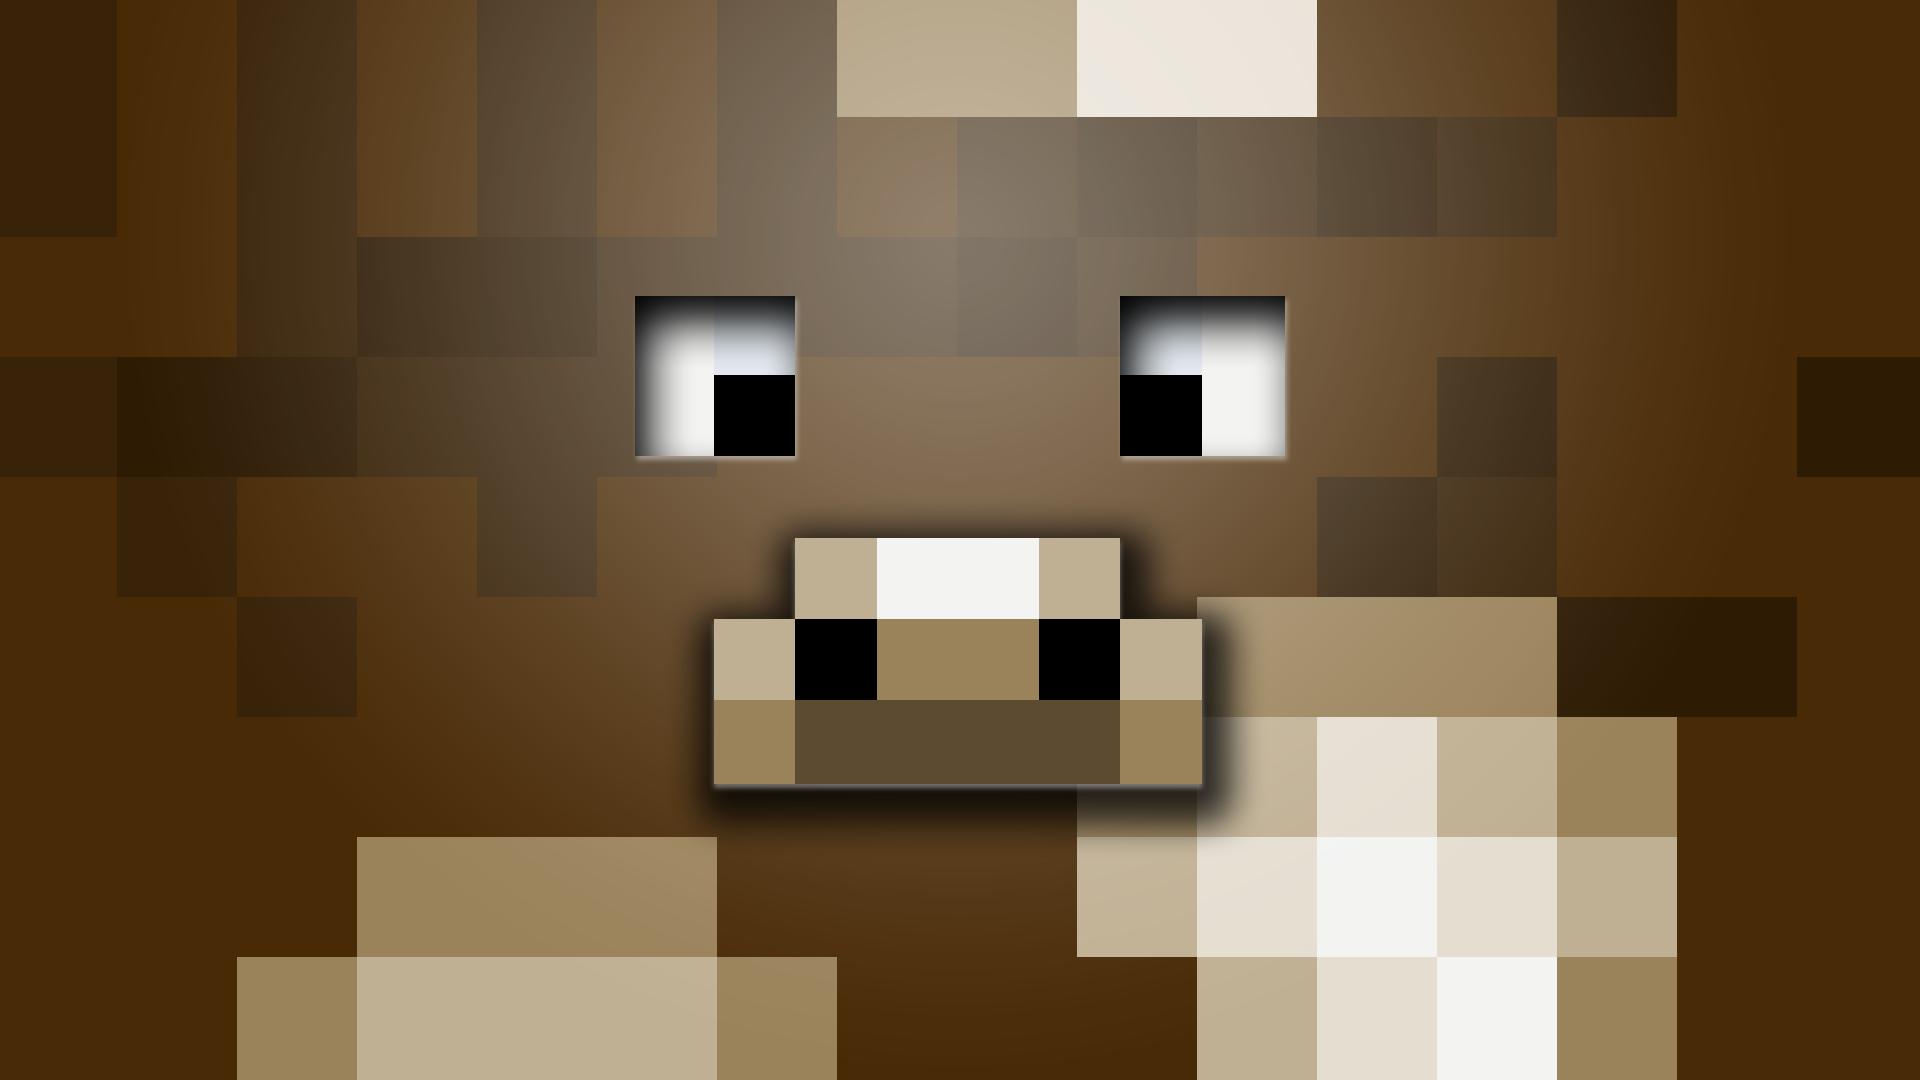 Steve Minecraft Wallpaper